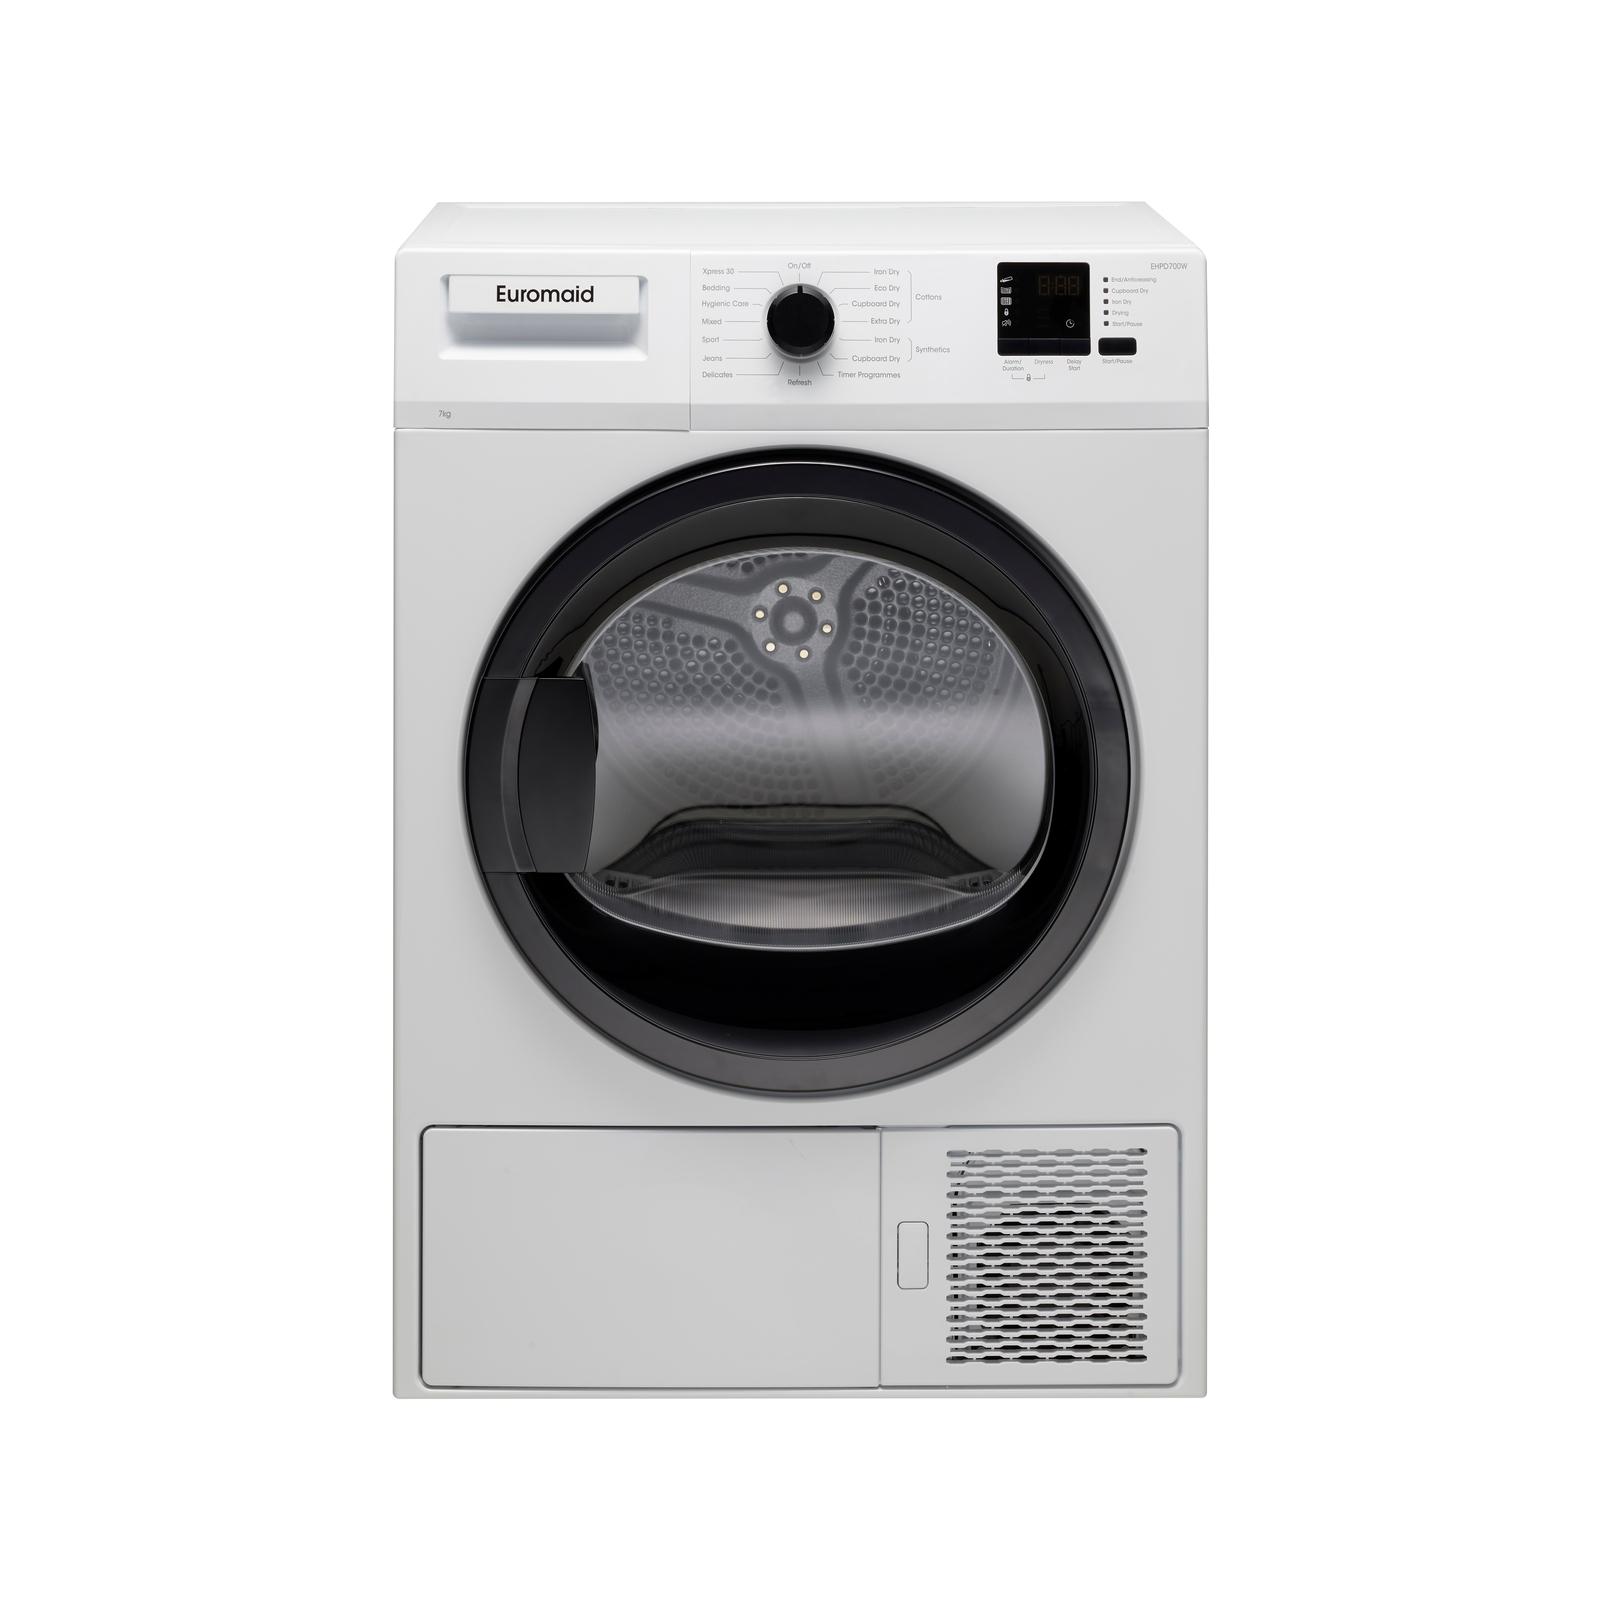 Euromaid EHPD700W 7kg Heat Pump Dryer